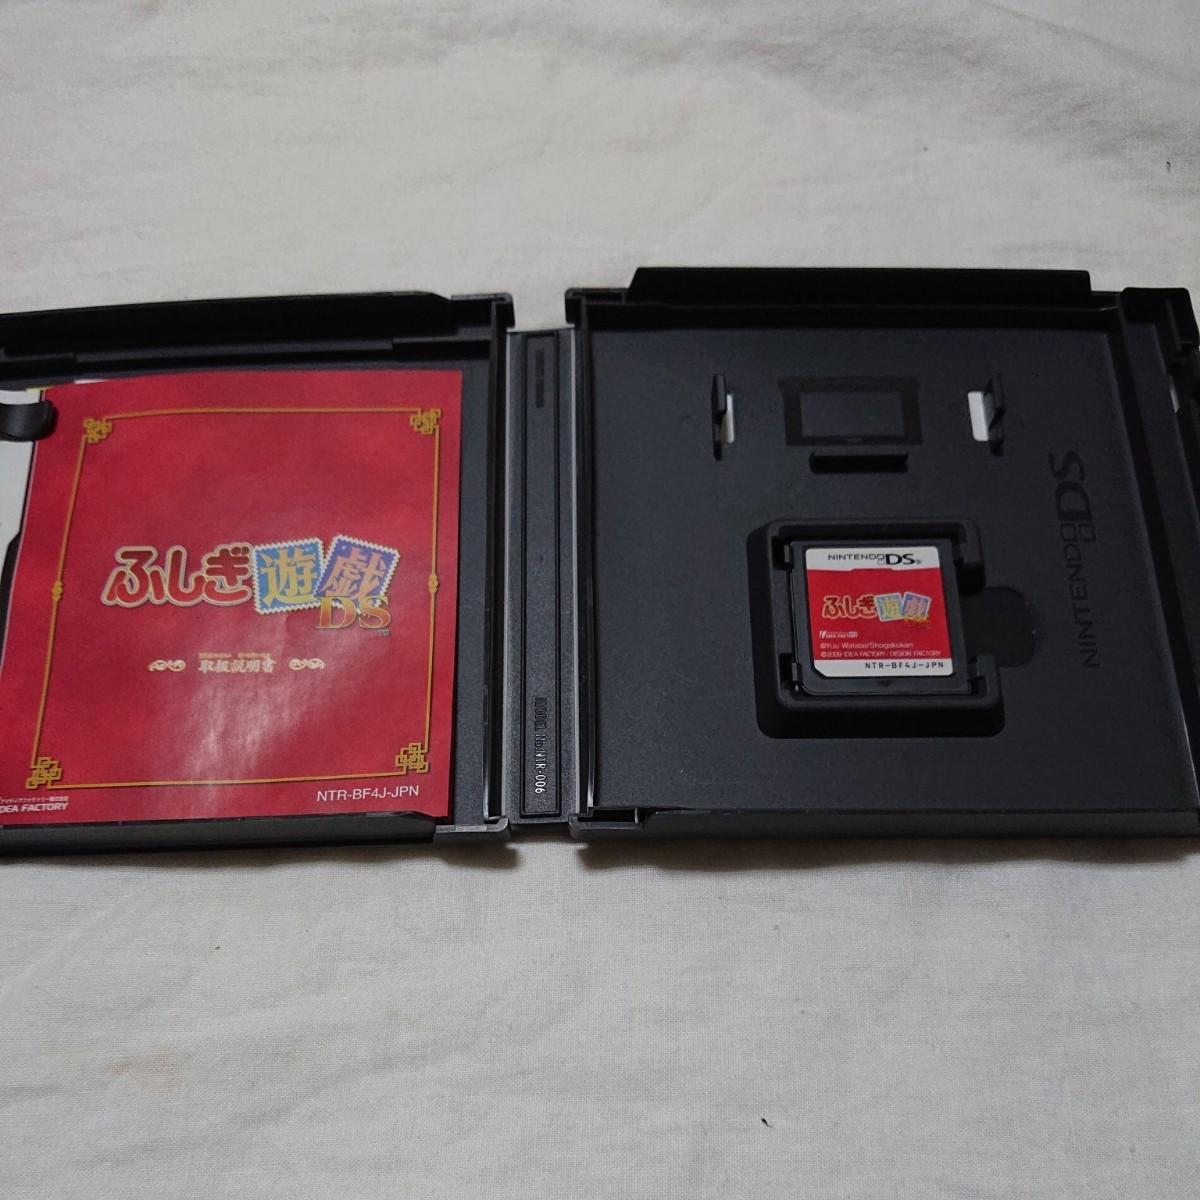 DS ふしぎ遊戯DS 限定版 動作確認済み DS